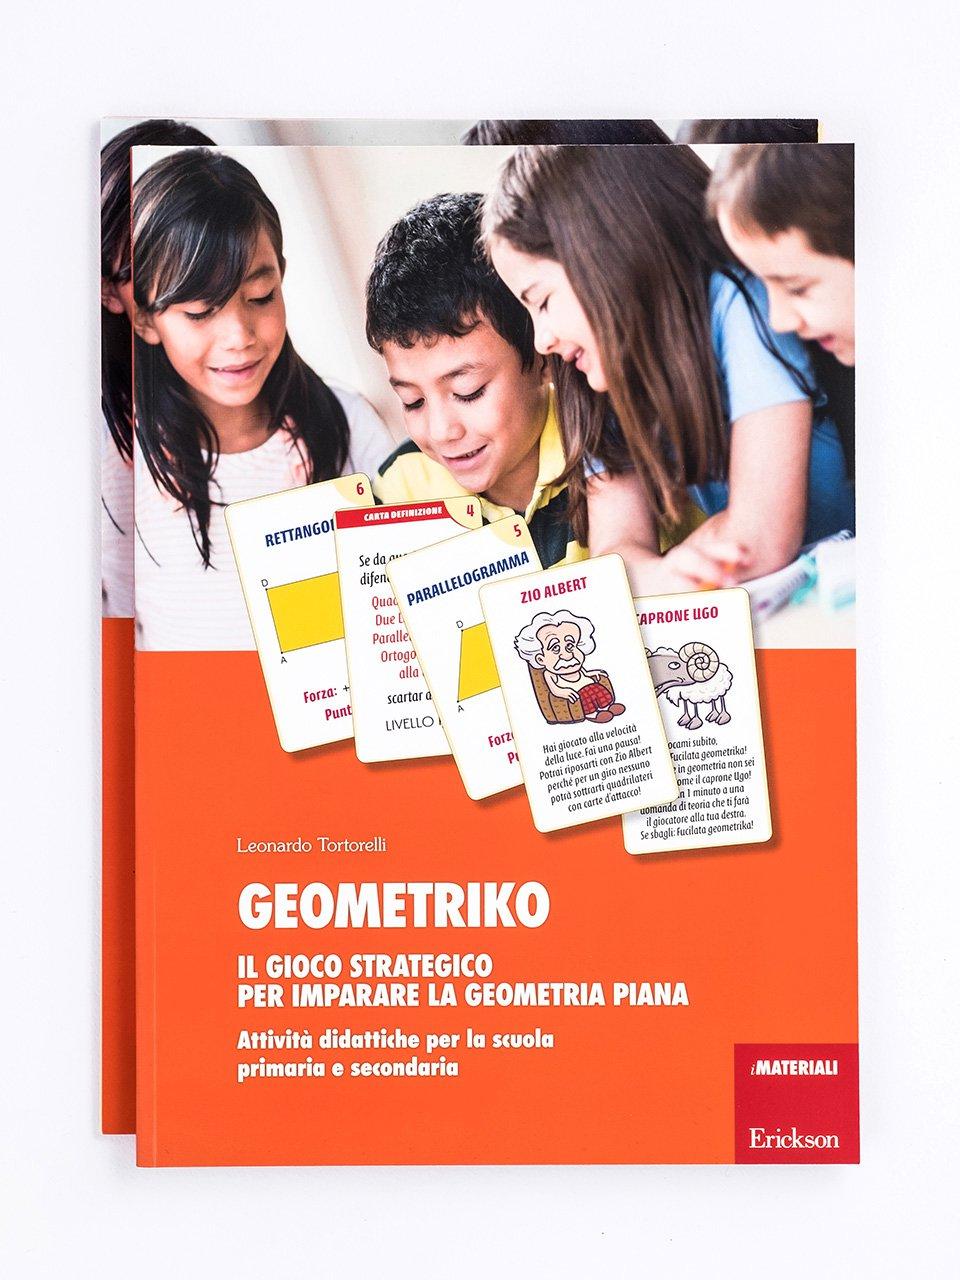 Geometriko - Il gioco strategico per imparare la geometria piana - Il mago dei numeri - App e software - Erickson